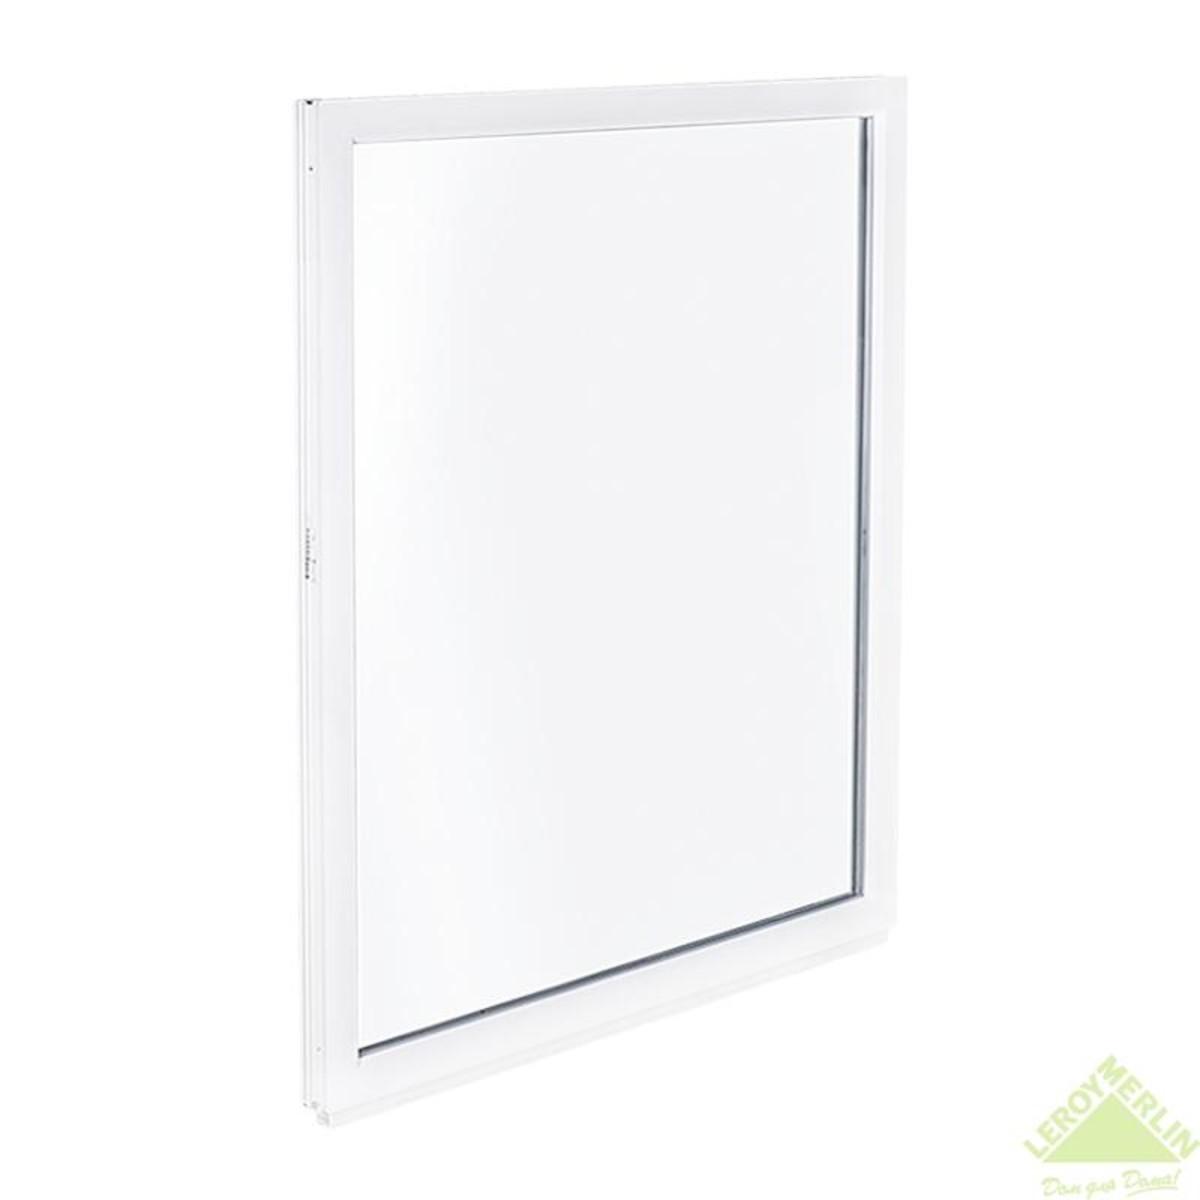 Окно ПВХ трехстворчатое 205x140 см глухое/поворотно-откидное правое/глухое